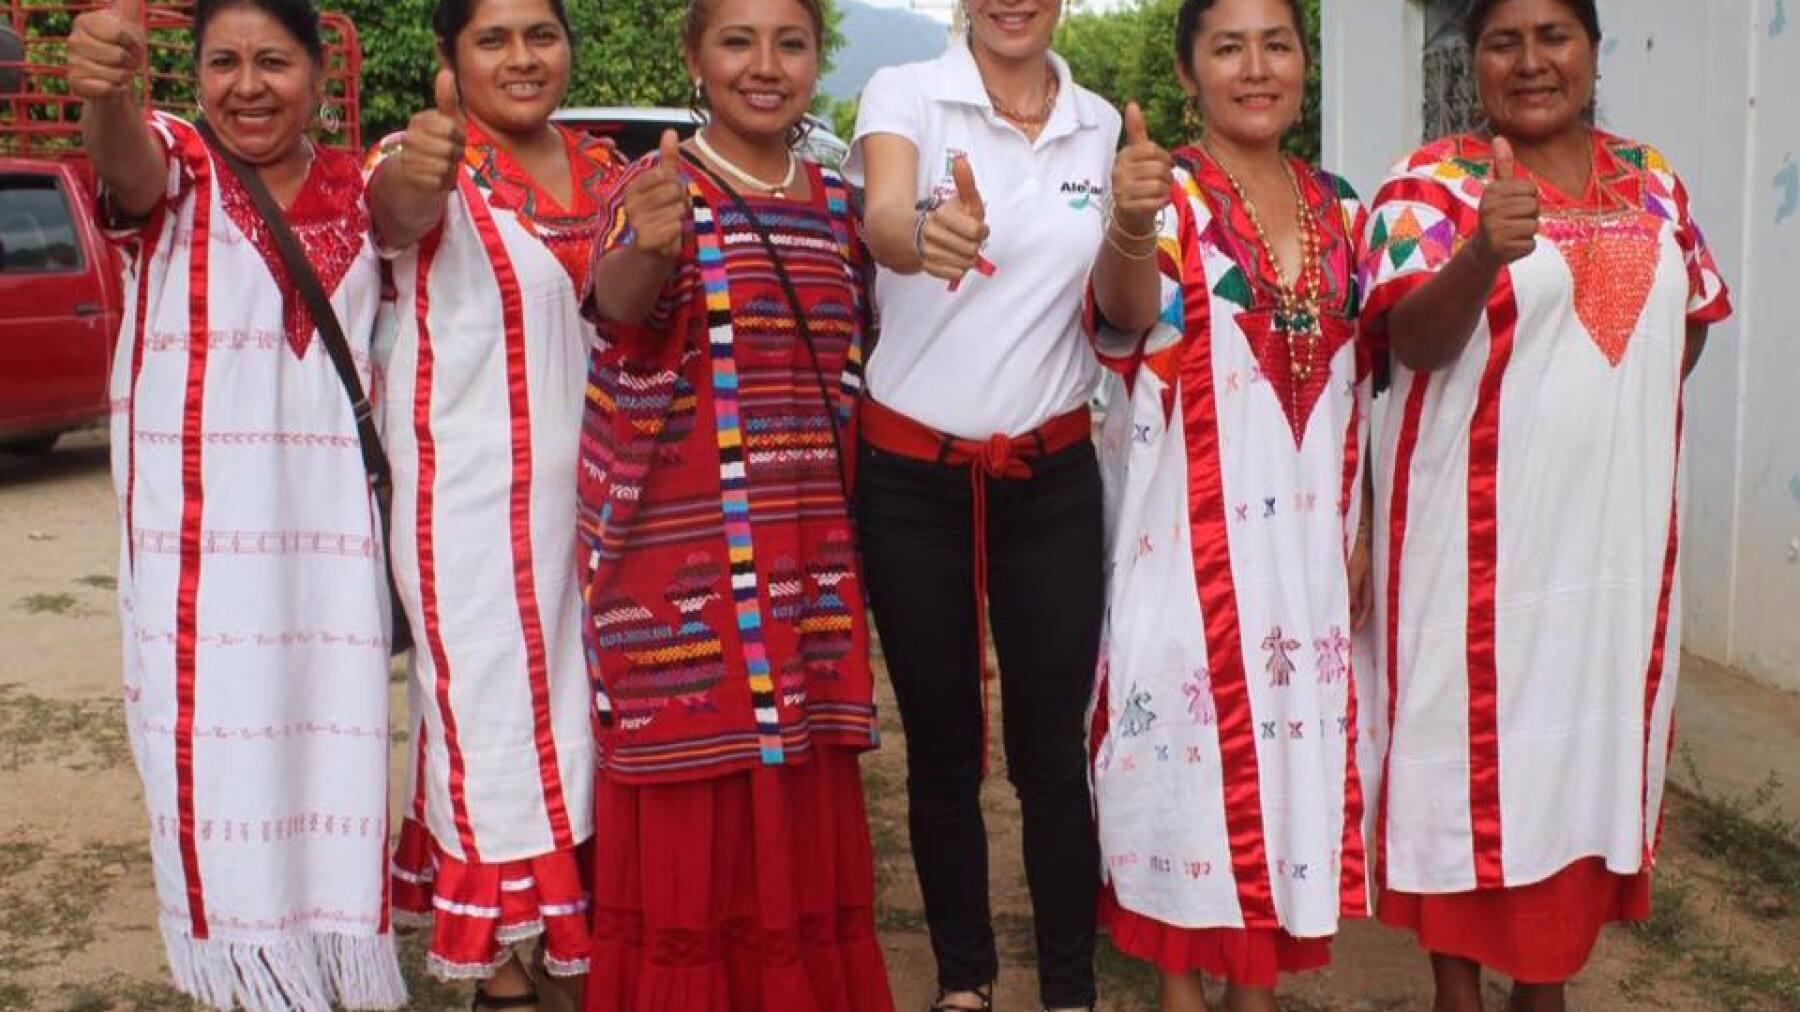 La esposa del candidato del PRI en Oaxaca, Alejandro Murat, suele portar prendas típicas de la región en sus eventos.